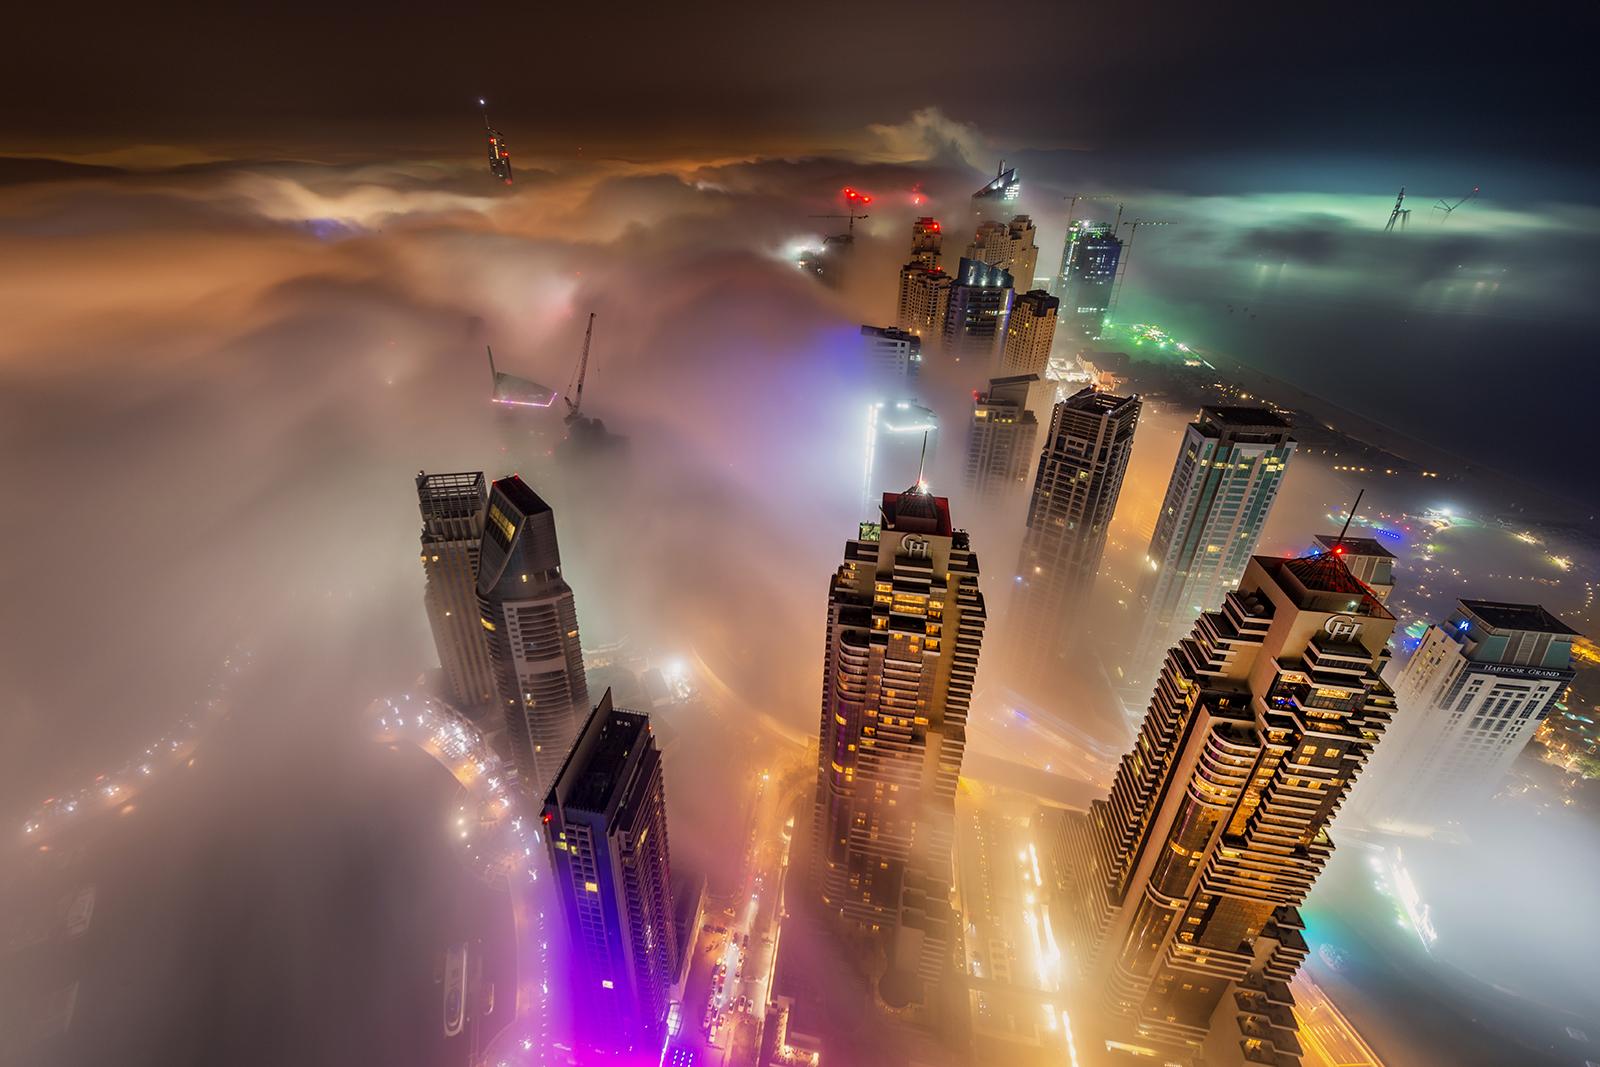 Dubai Marina fog at night